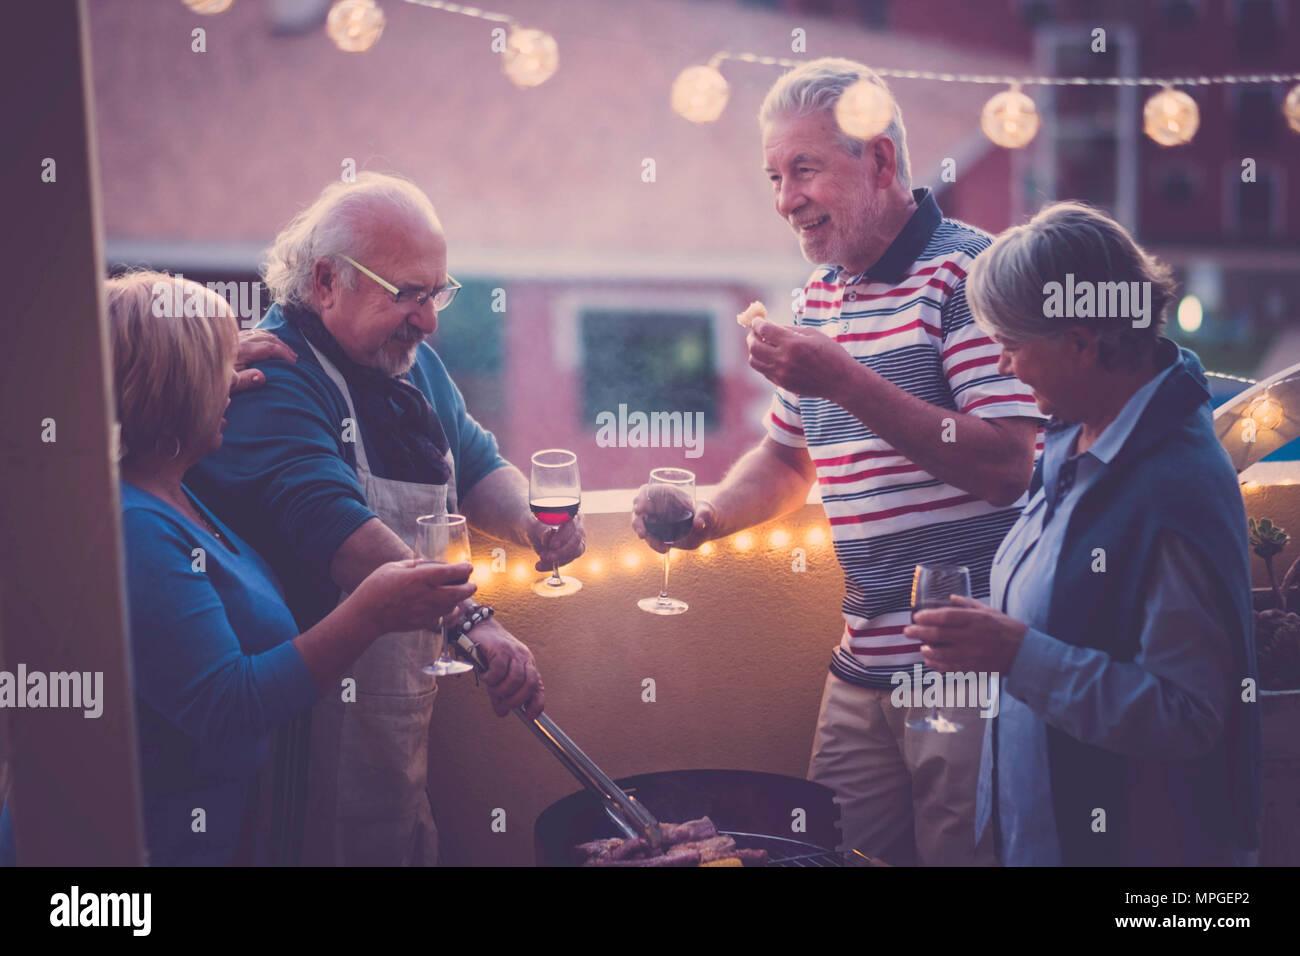 Barbecue Barbecue et un peu de vin pour célébrer un événement. groupe de personnes adultes profitez d'une vie dans la terrasse avec vue sur la ville. Manger et boire du vin Photo Stock